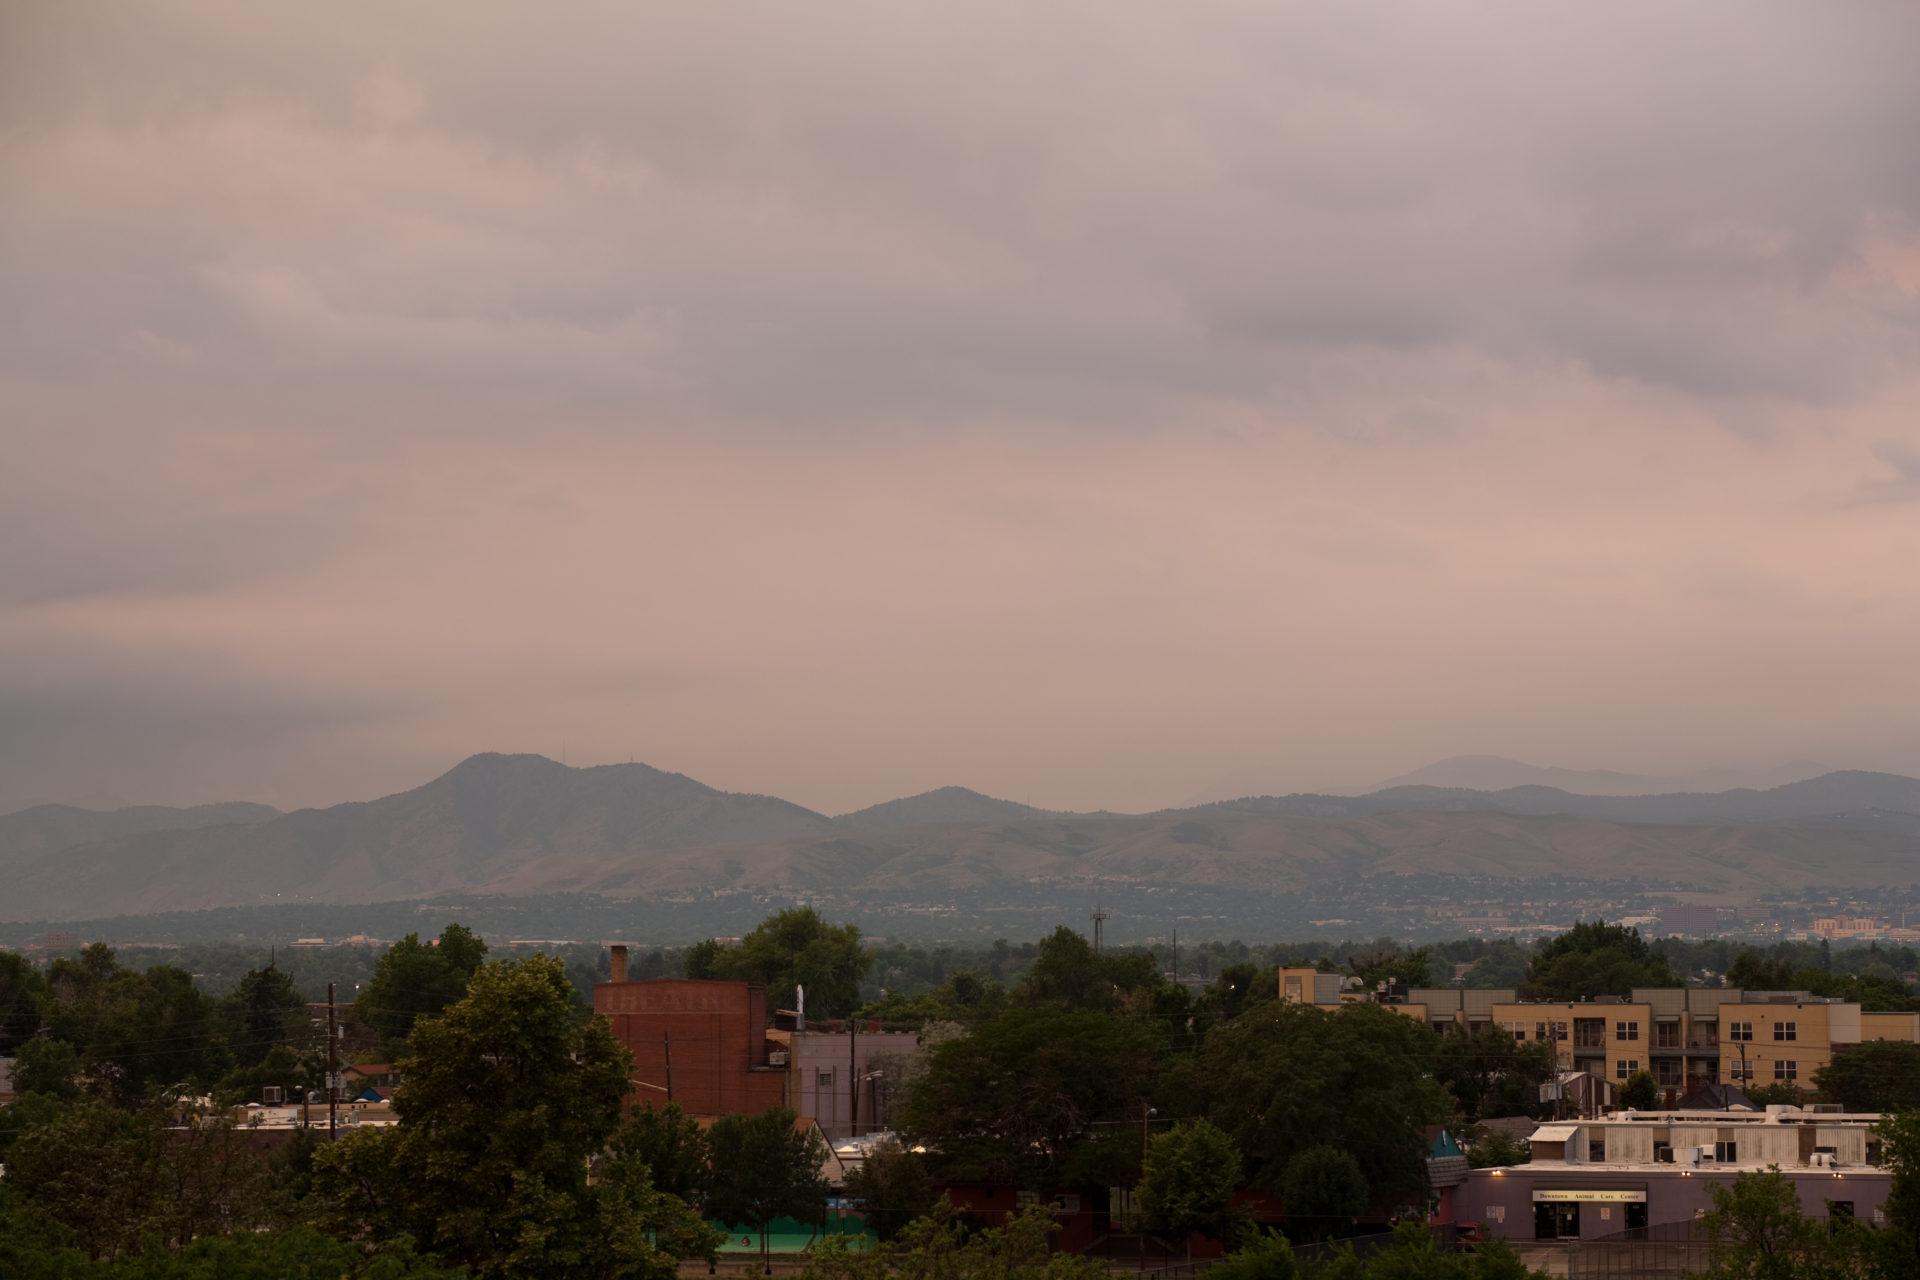 Mount Evans obscured at sunset - July 6, 2011